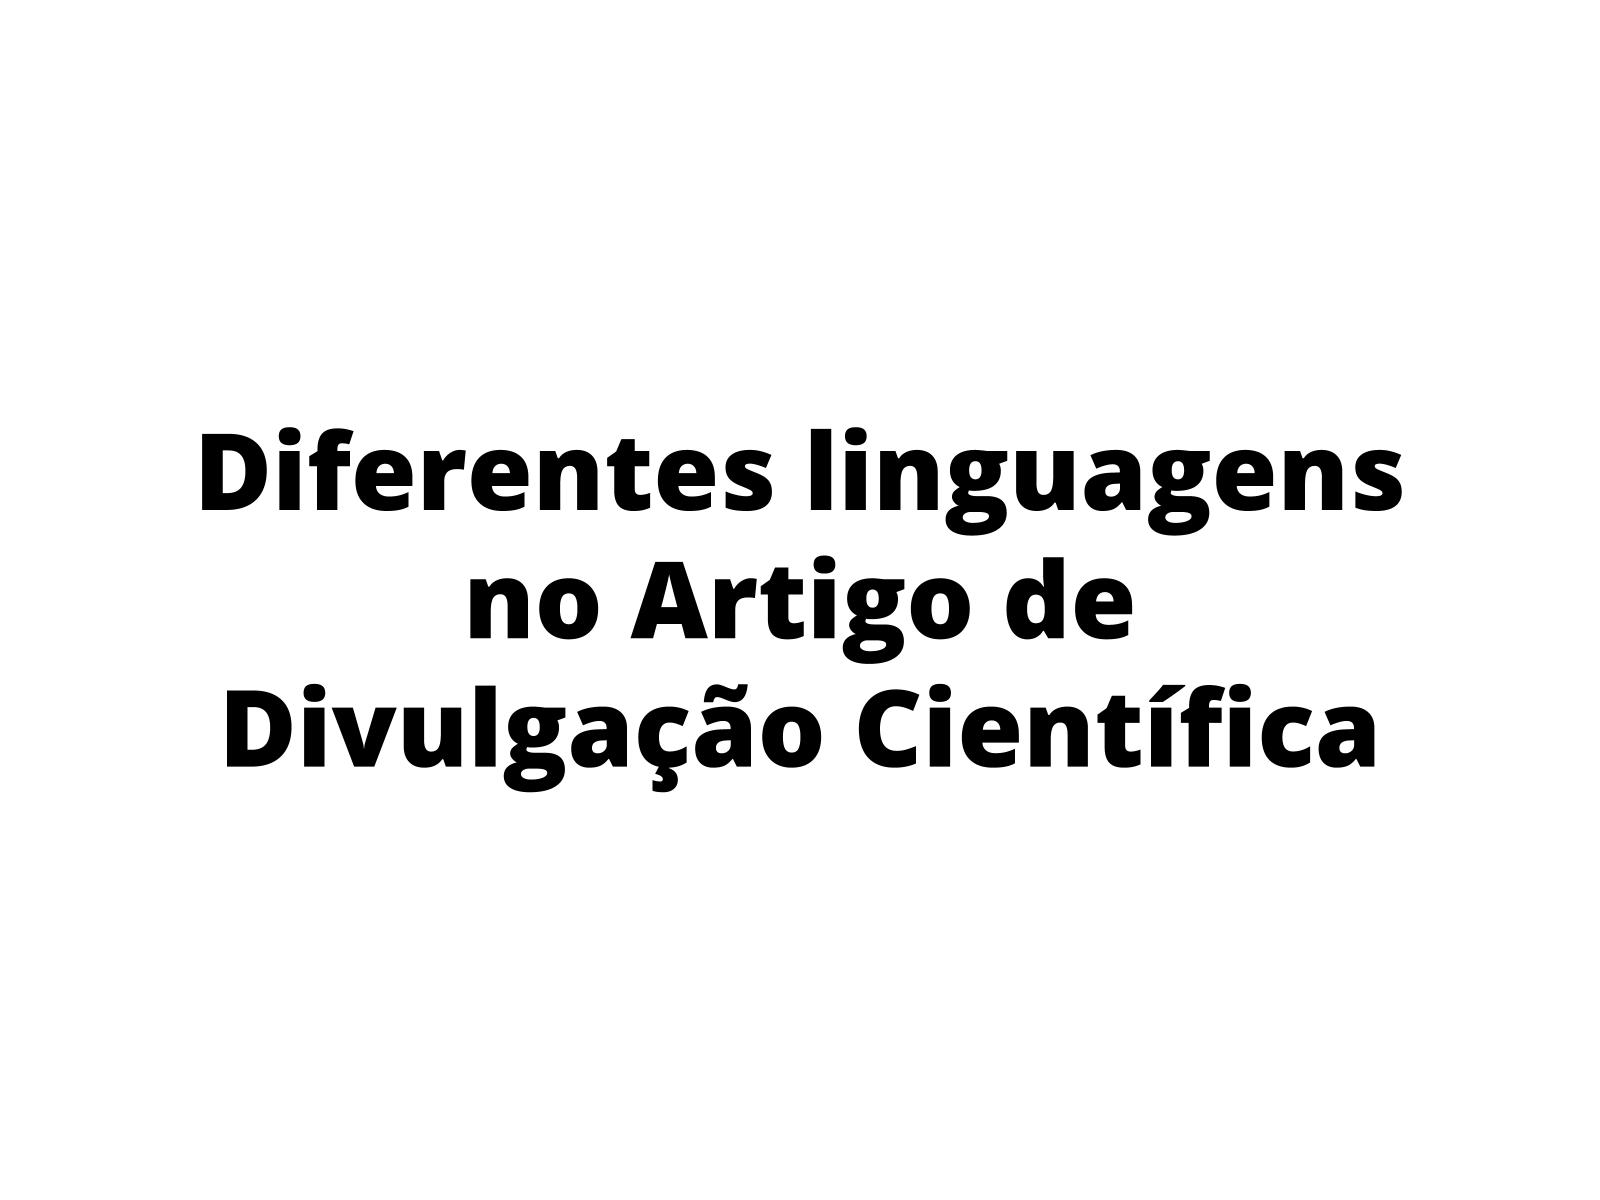 Diferentes linguagens no artigo de divulgação científica